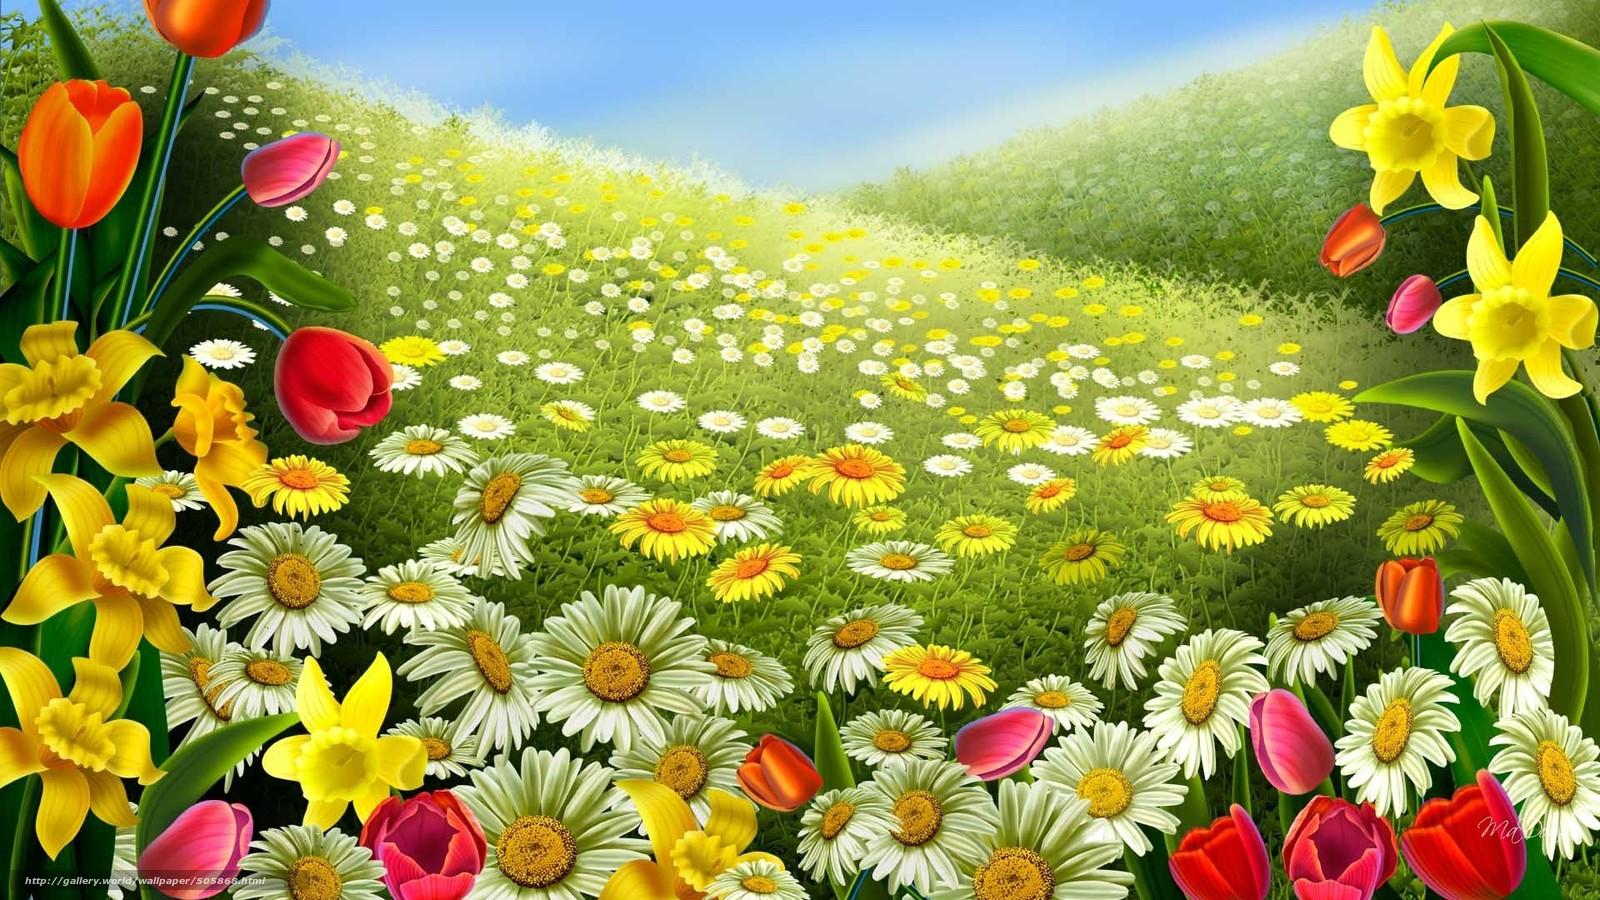 Scaricare gli sfondi primavera estate natura cielo for Immagini gratis per desktop primavera